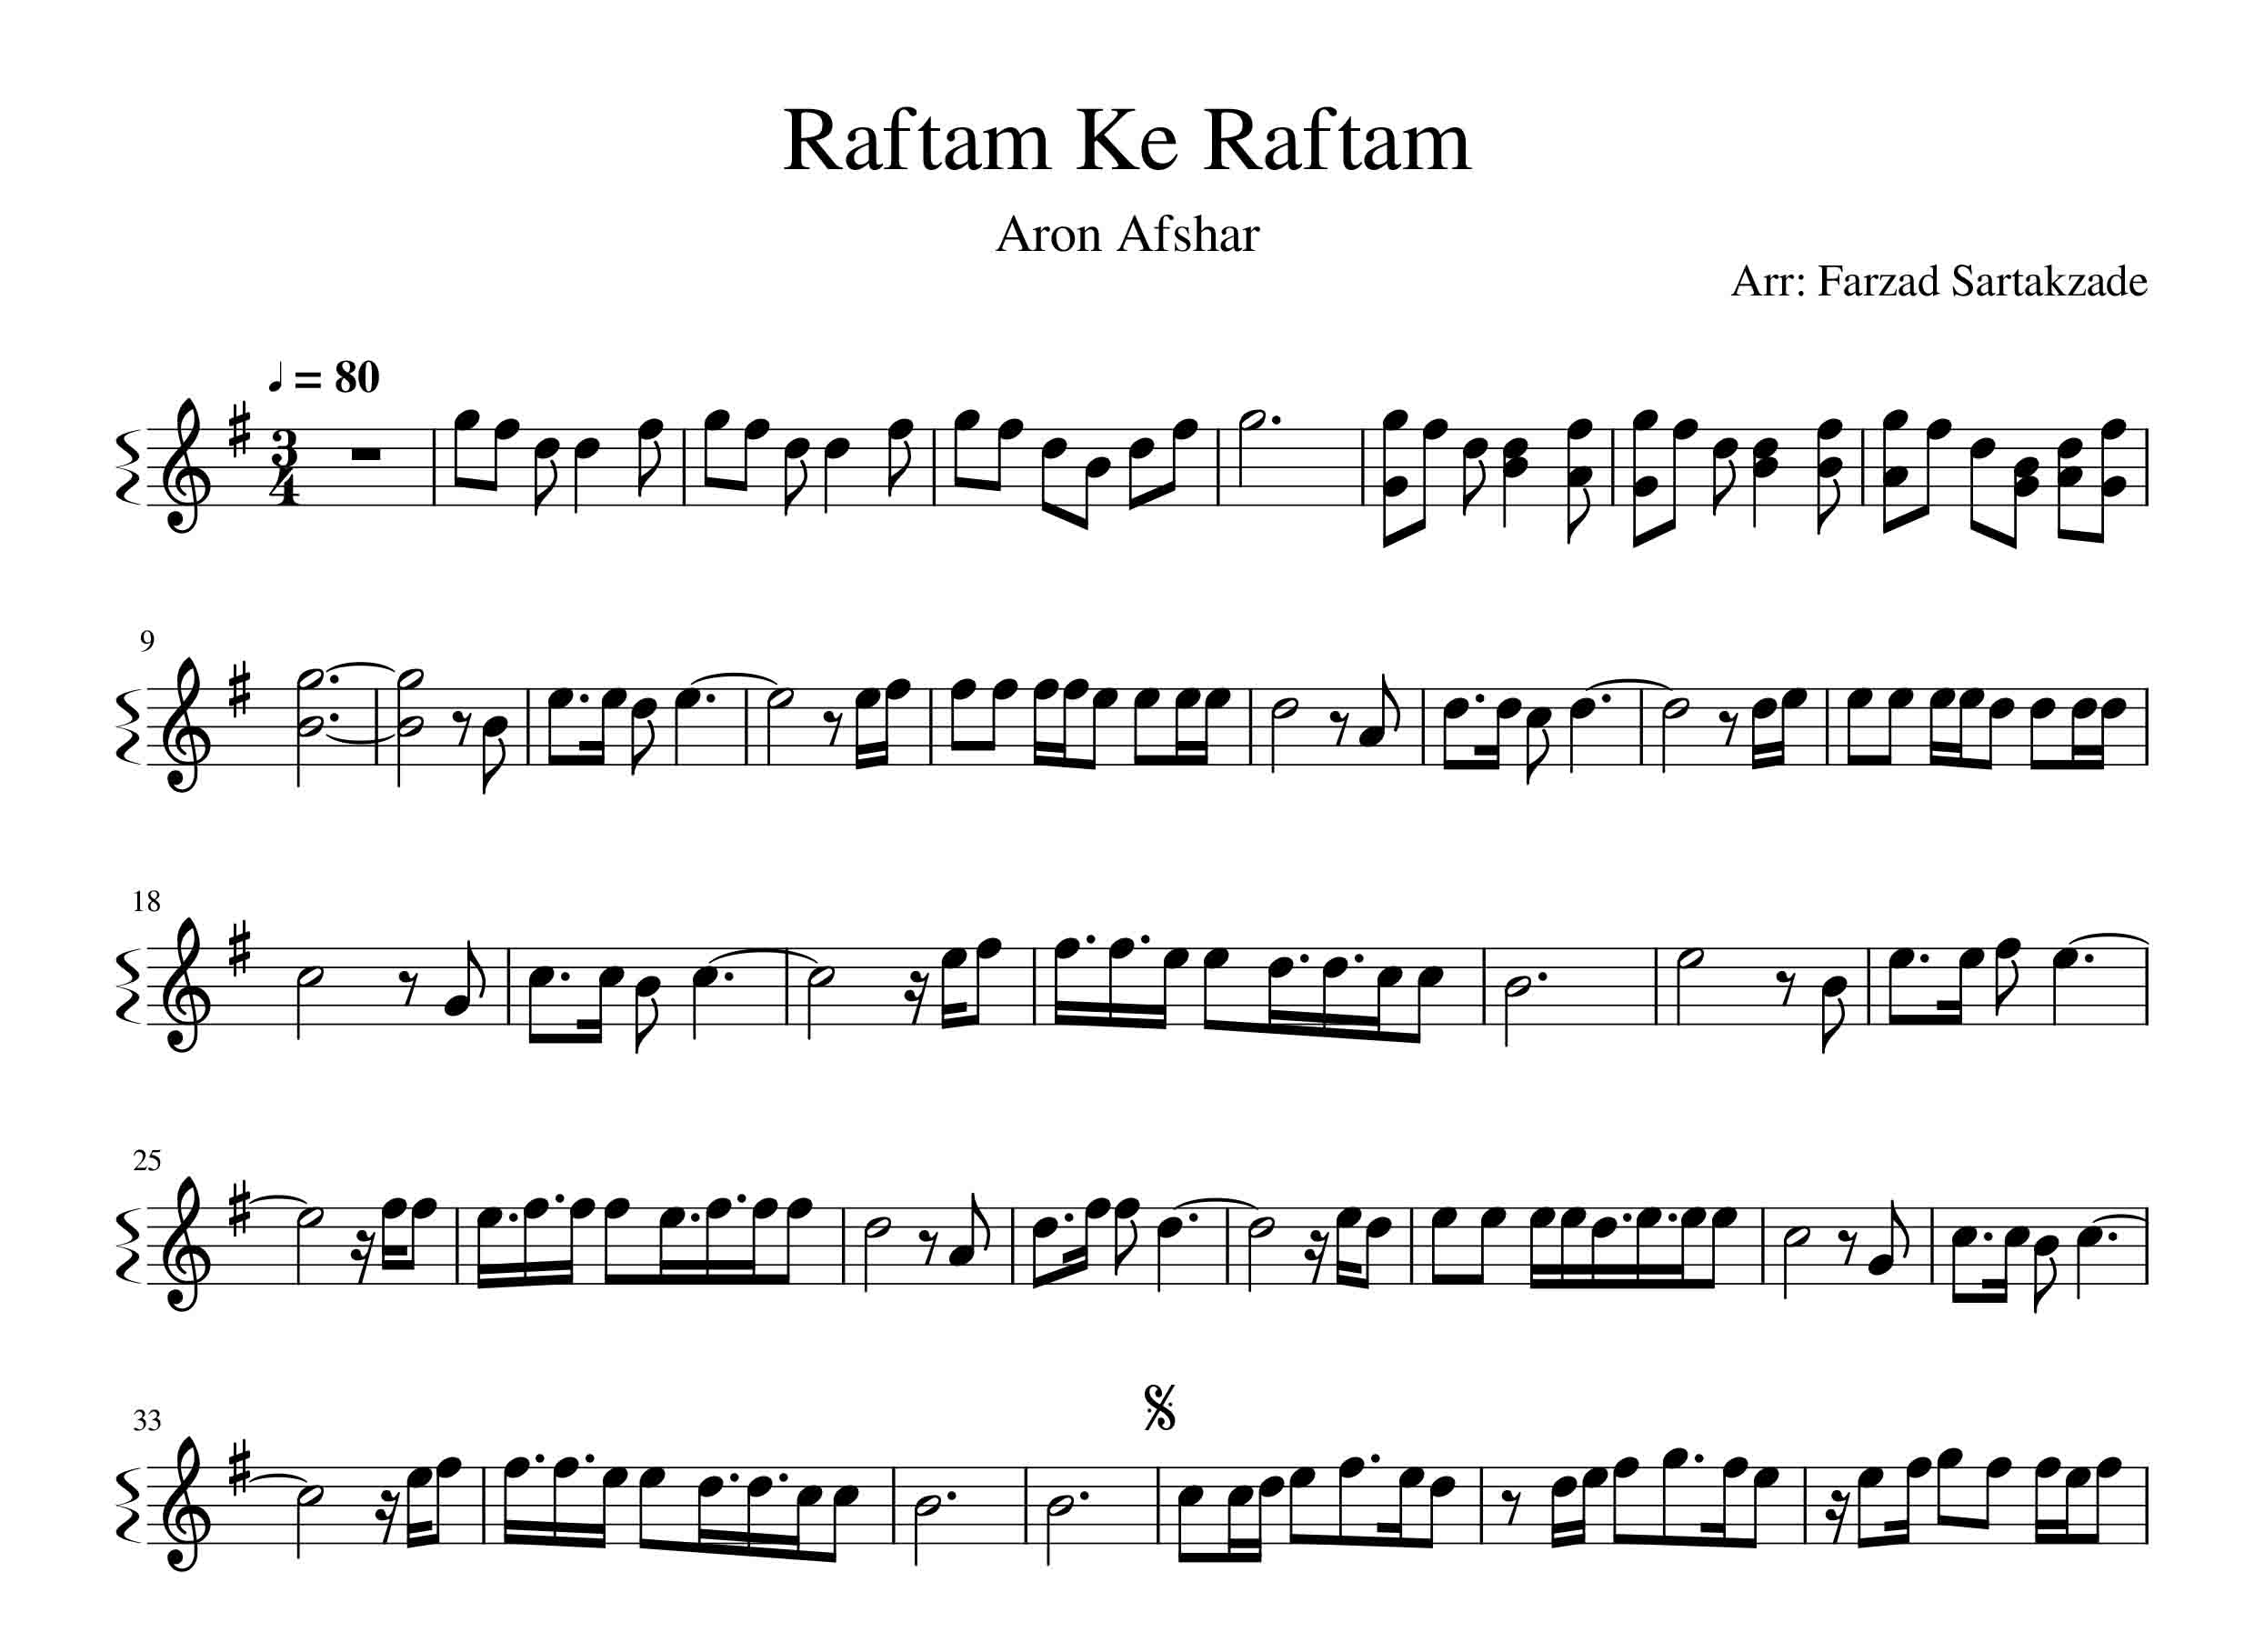 نت ویولن آهنگ رفتم که رفتم از آرون افشار